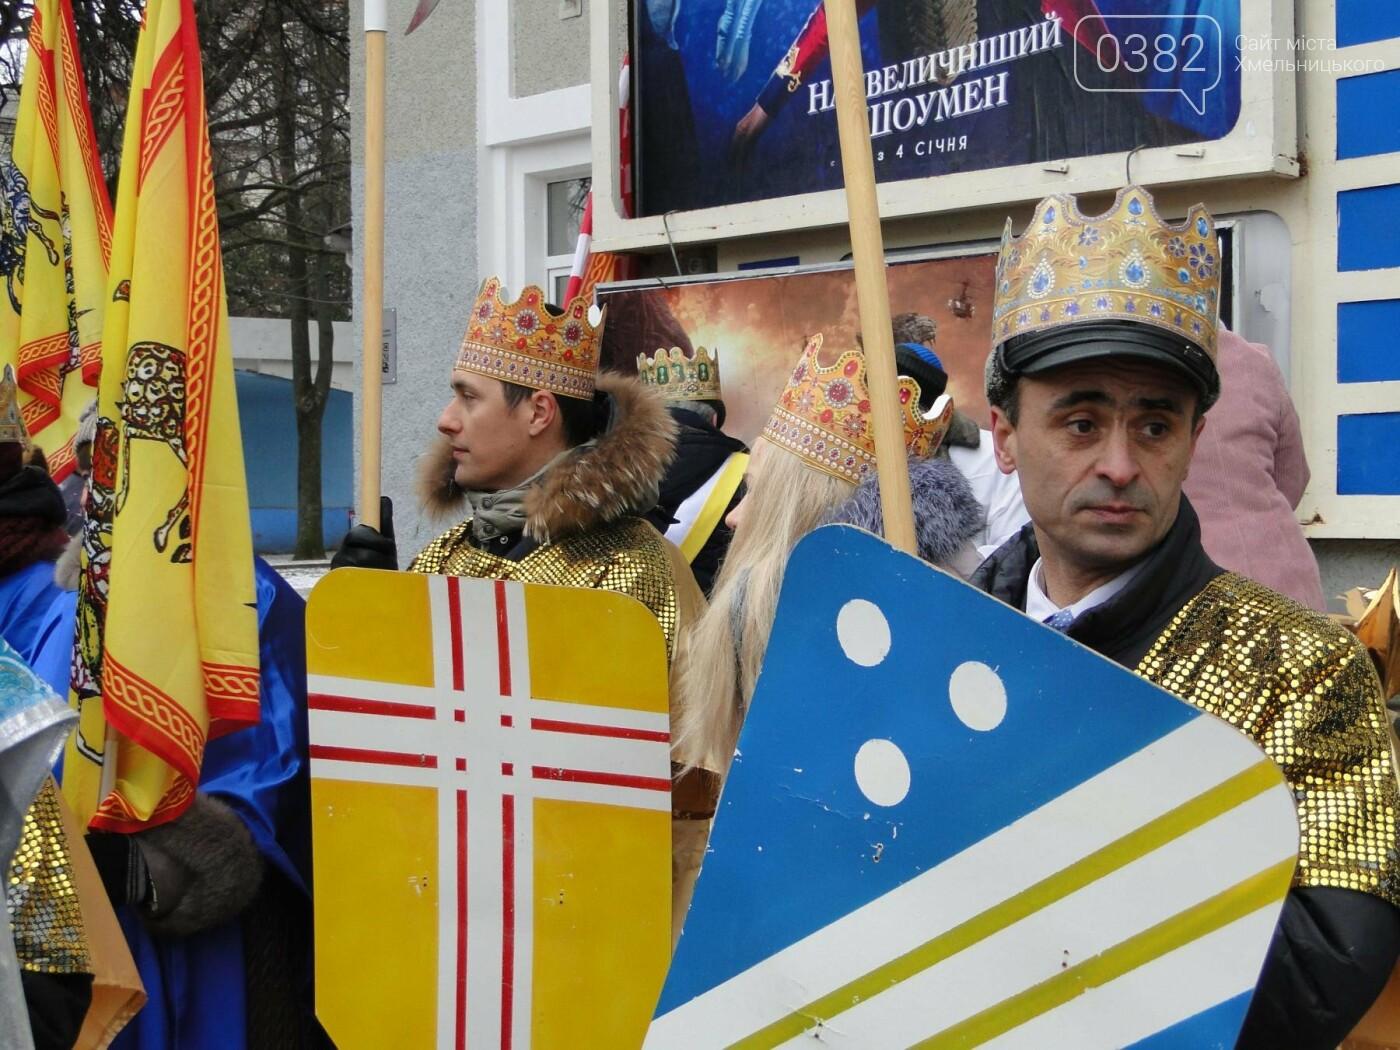 Хмельницьким пройшла святкова хода «Трьох Царів». ФОТО, фото-2